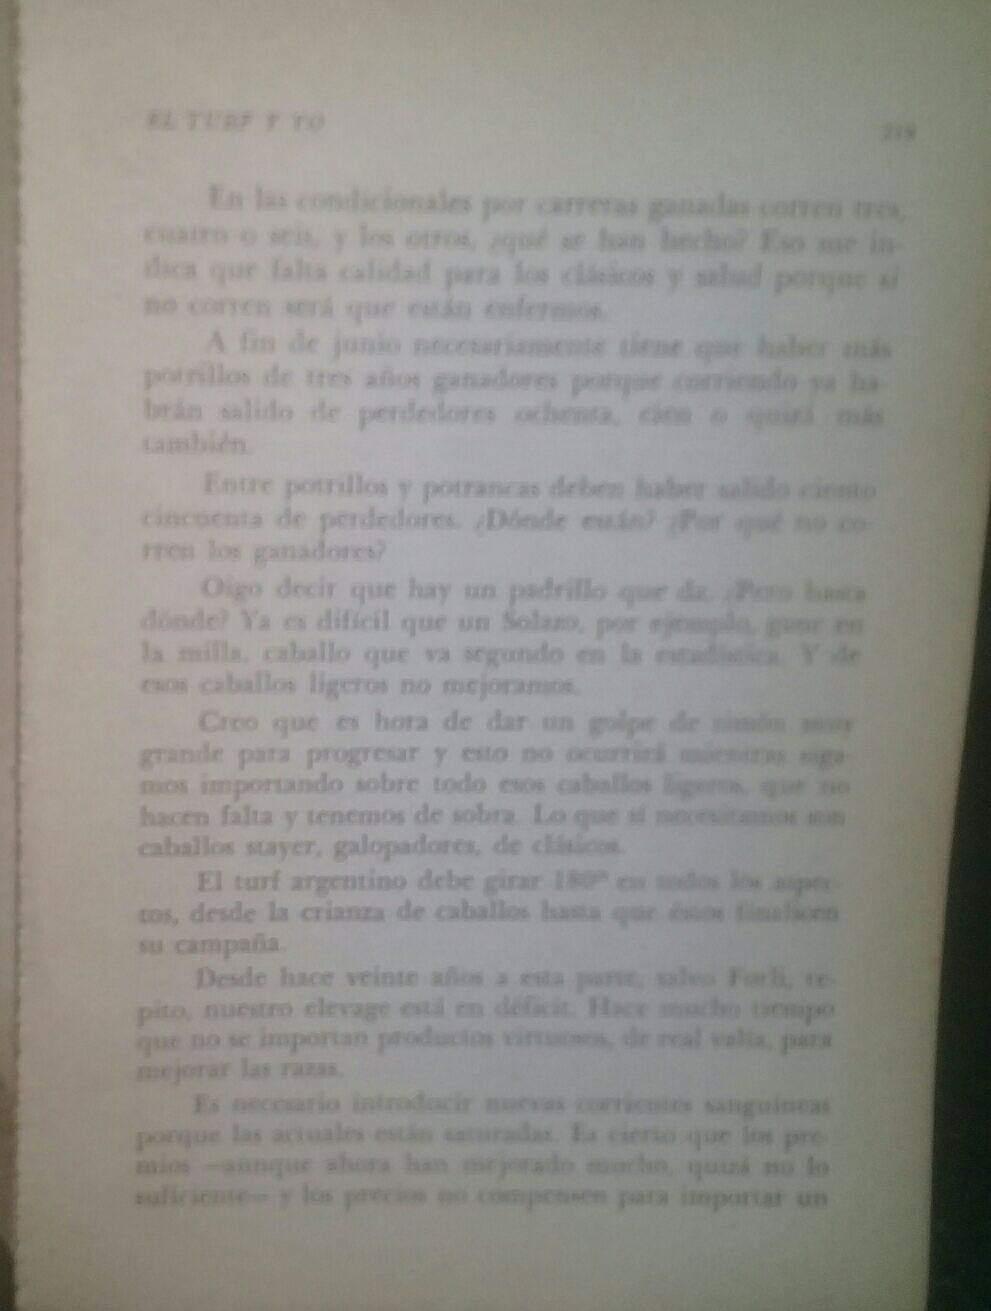 LIBRO EL TURF Y YO JUAN DE LA CRUZ 7d11